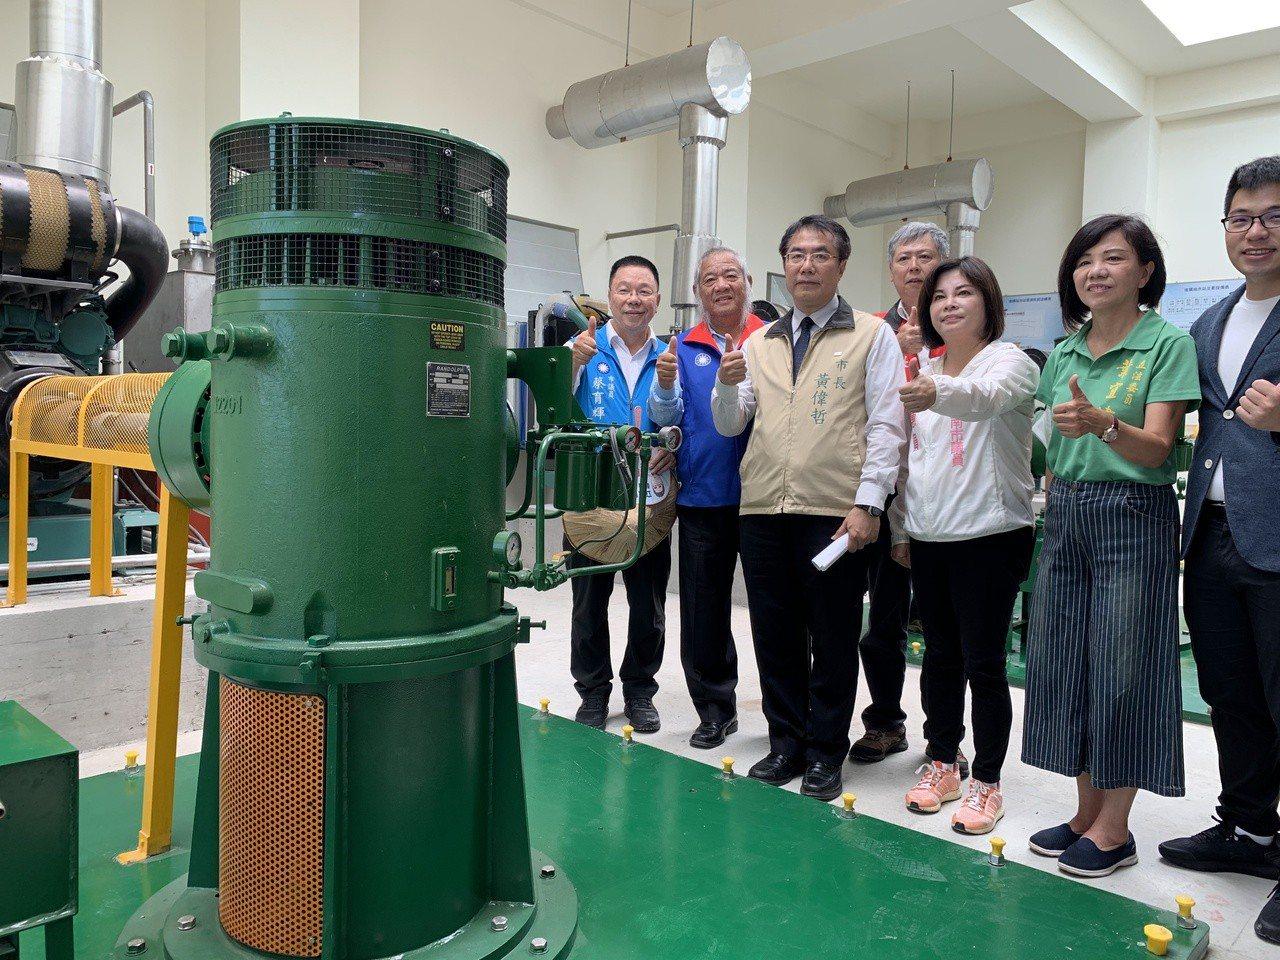 台南市後壁區後鎮排水站今竣工啟用。記者吳淑玲/攝影